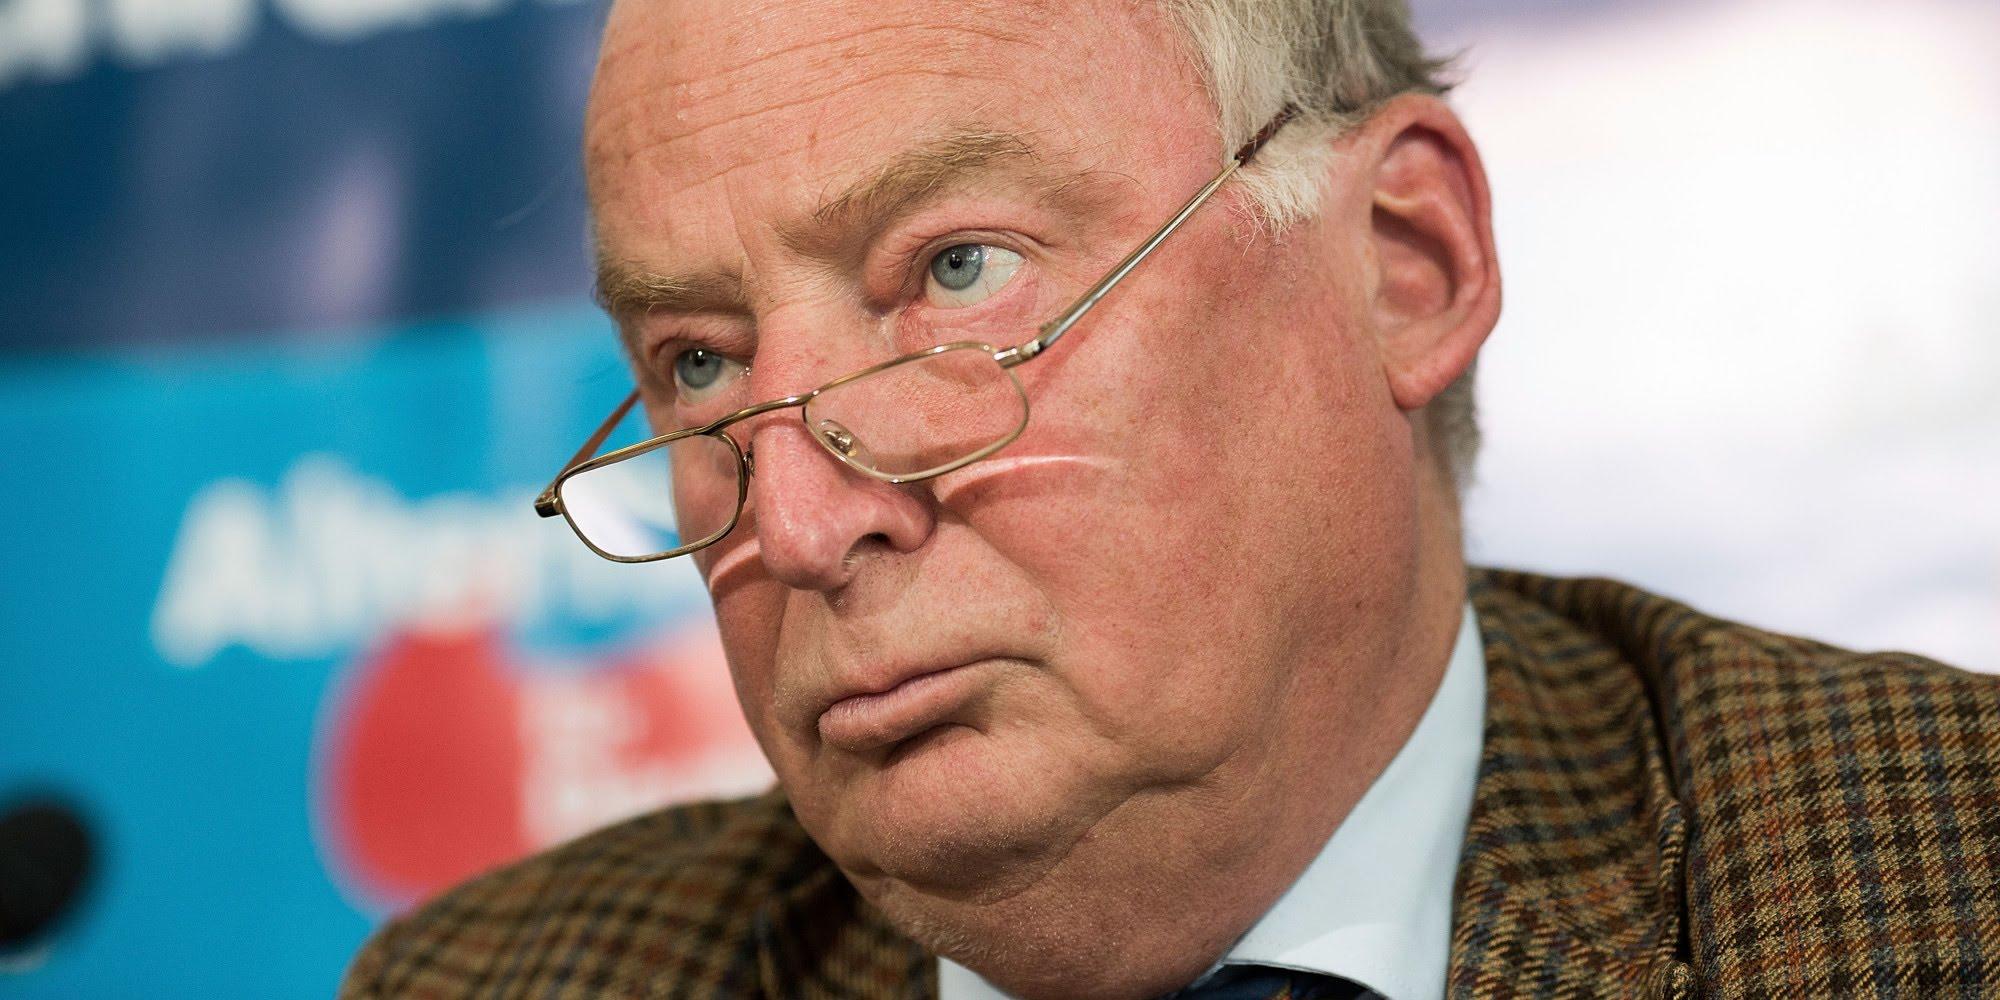 """""""Начнем на Меркель настоящую охоту!"""" – глава праворадикальной пророссийской партии """"Альтернатива для Германии"""" Гауланд угрожает проблемами новому правительству"""